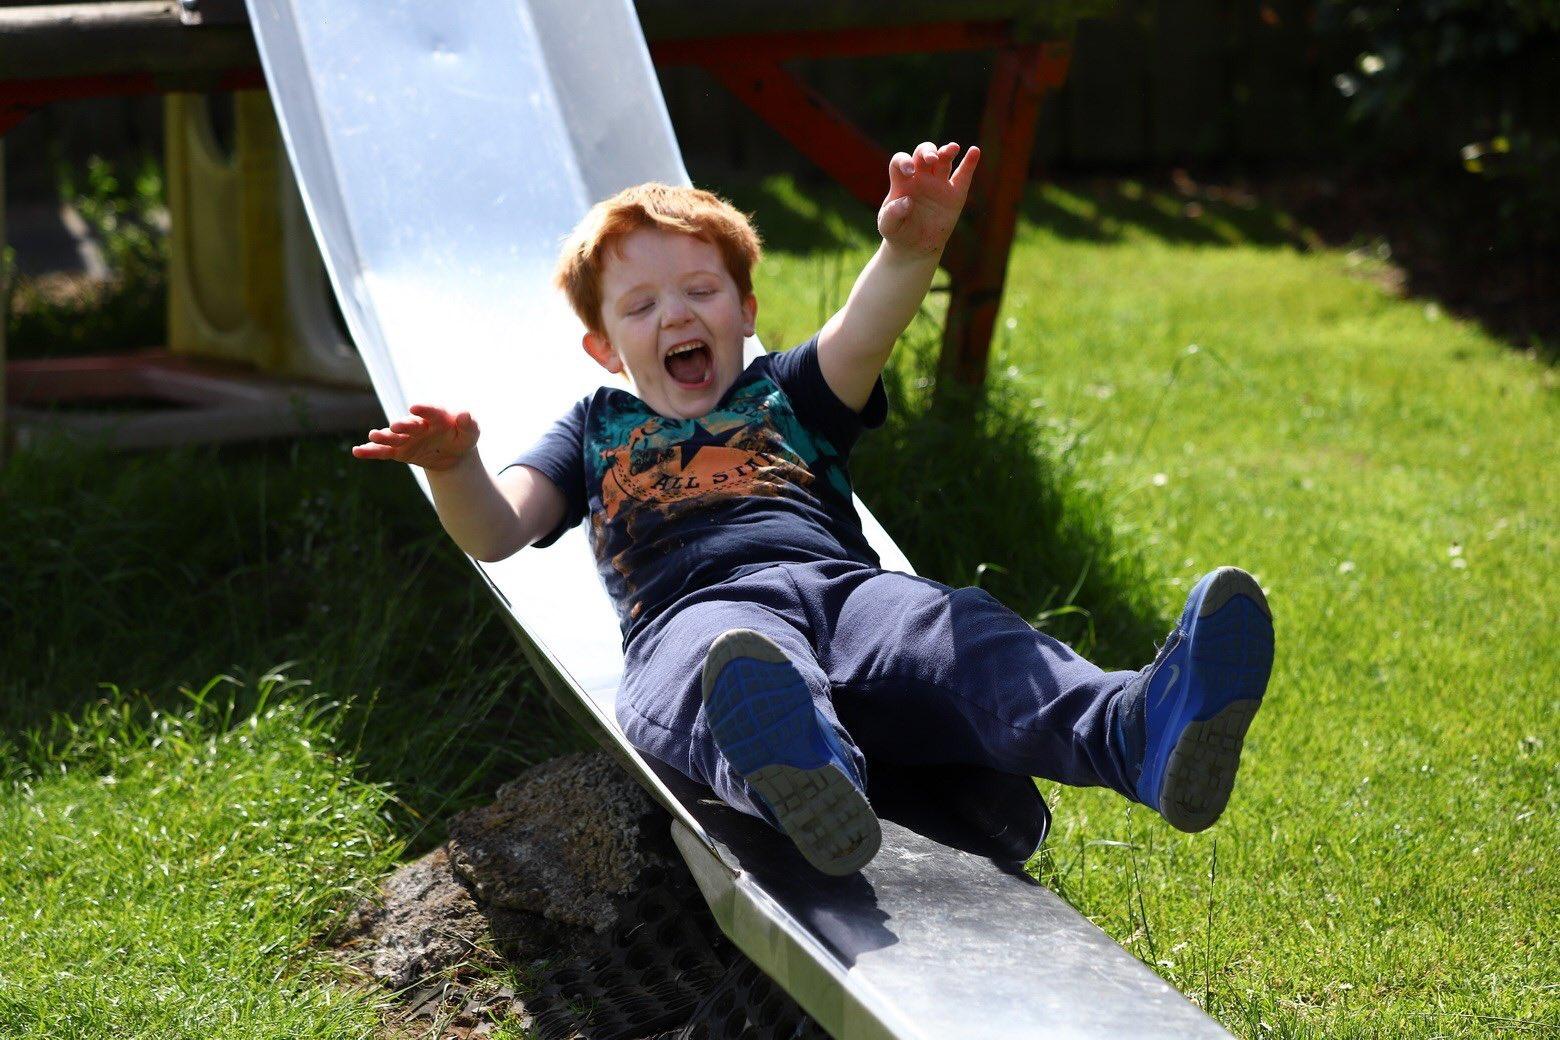 Little boy called Murray enjoyed a slide